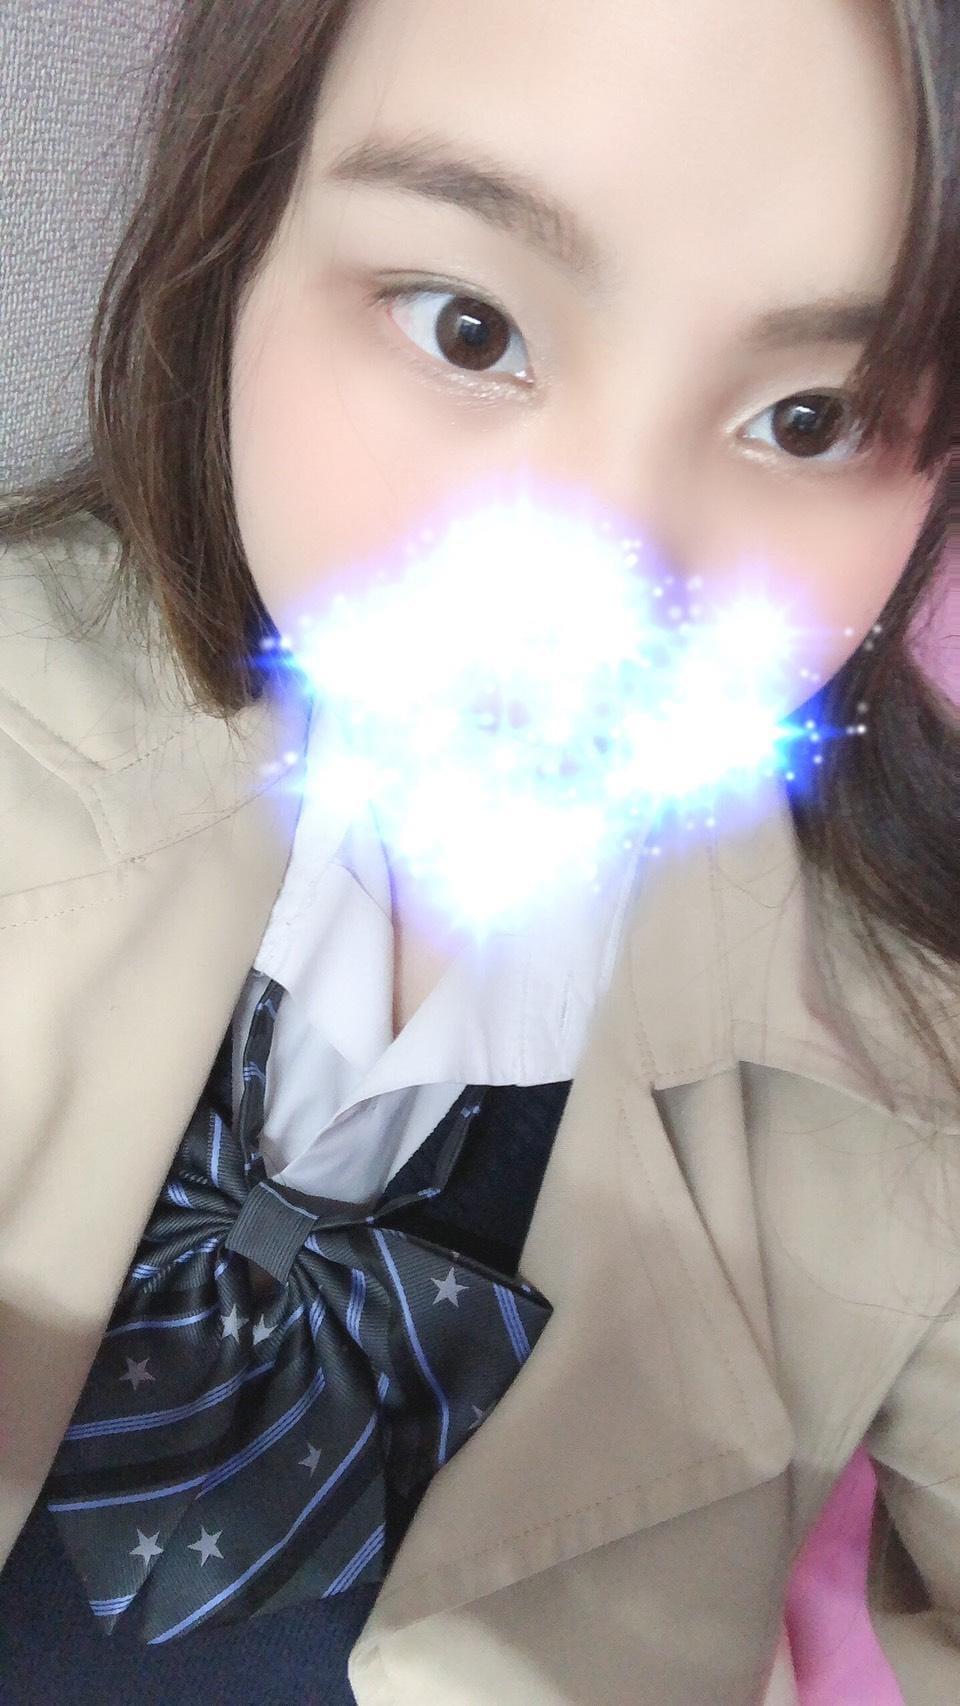 「準備完了♡」01/15(01/15) 10:59 | キィの写メ・風俗動画